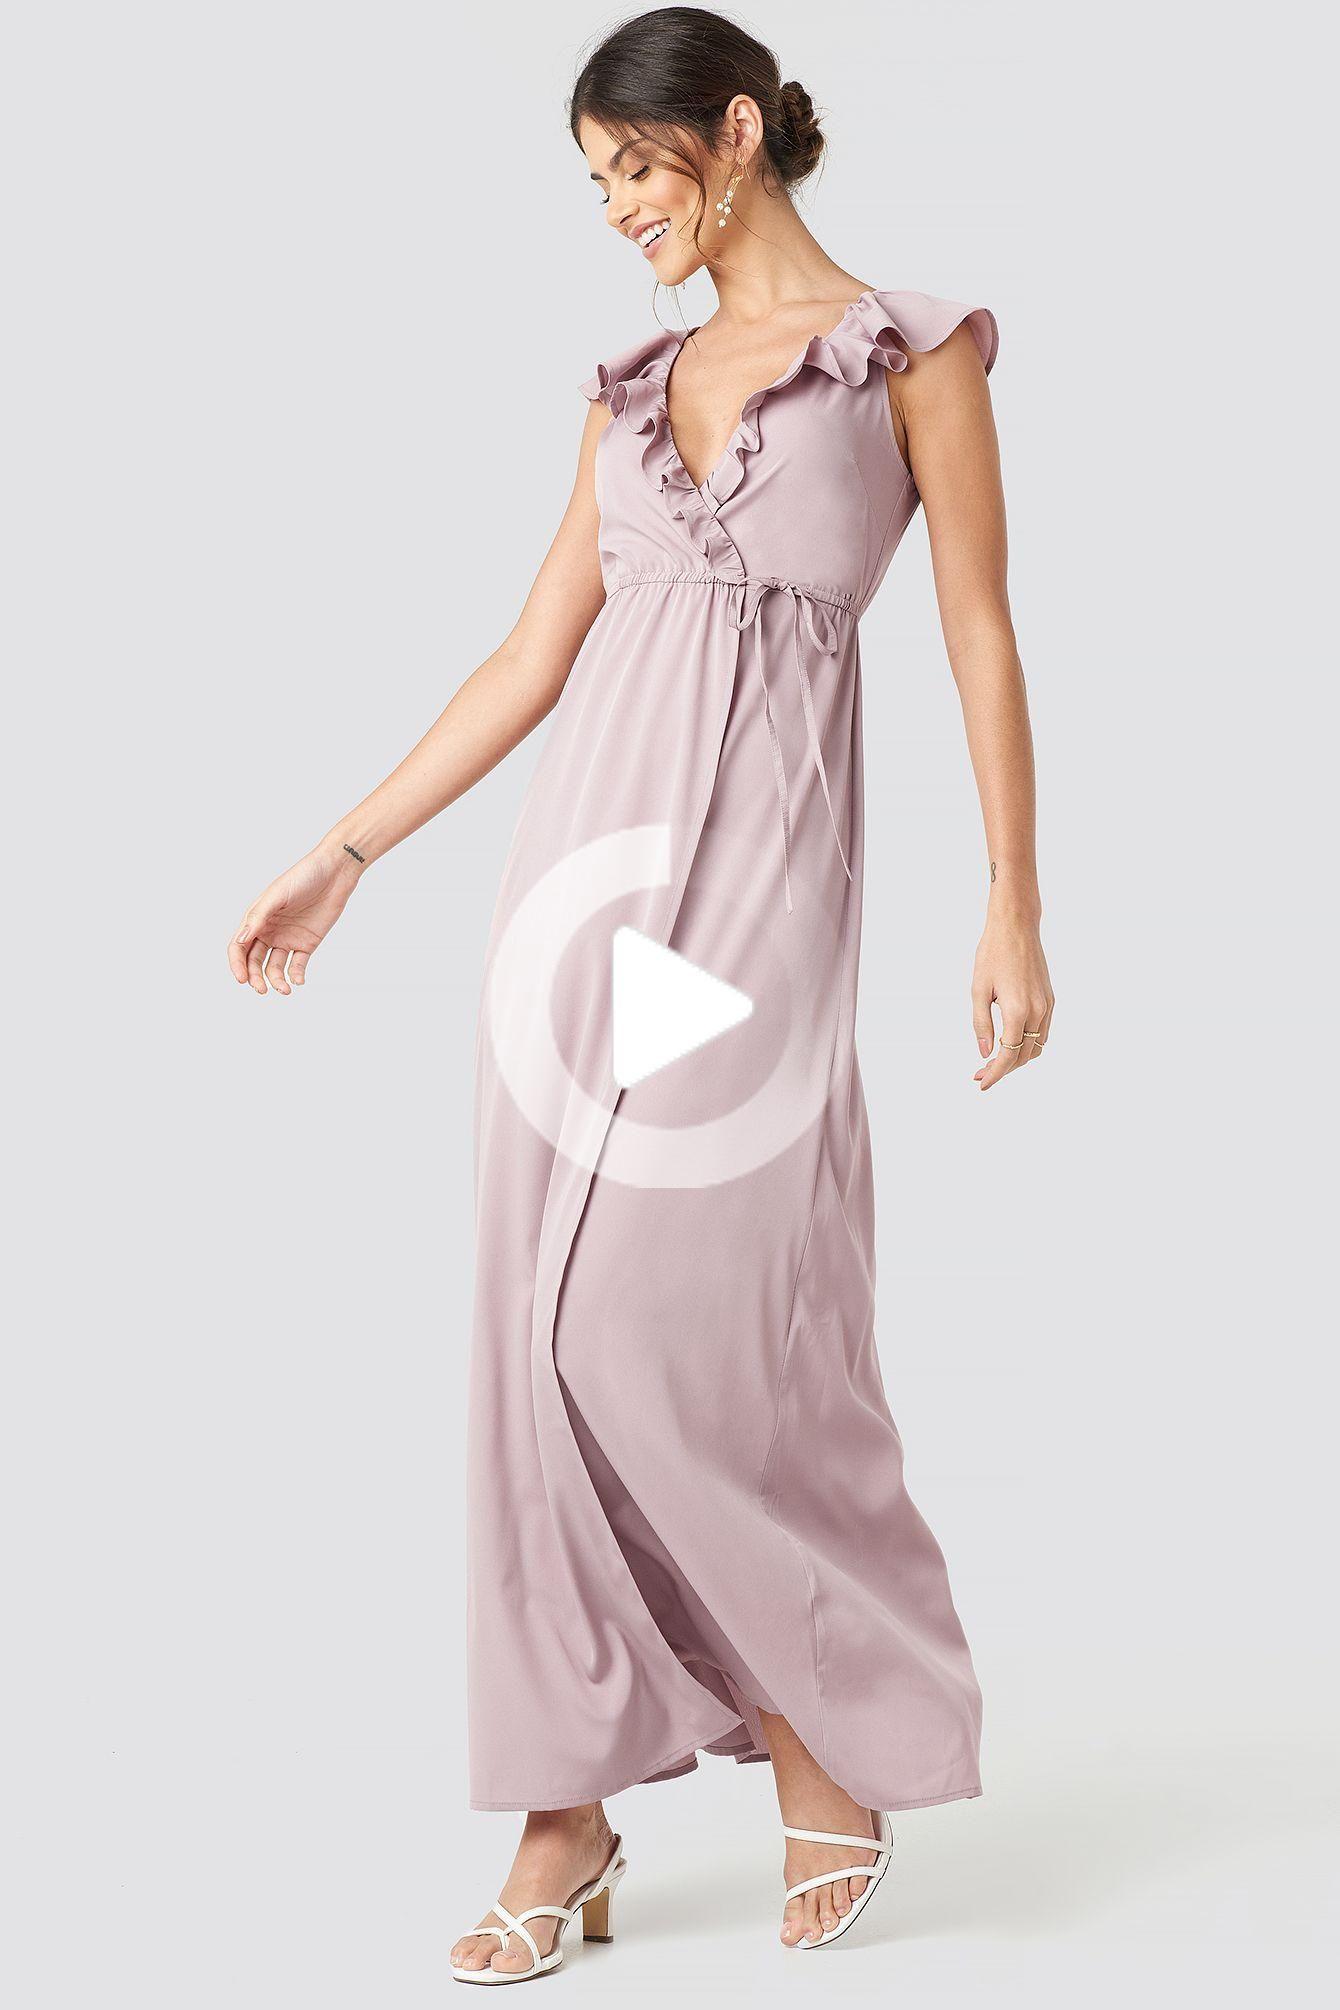 Nieuw Deze maxi jurk van NA KD partij een ruches detail, een V-hals, een GW-87